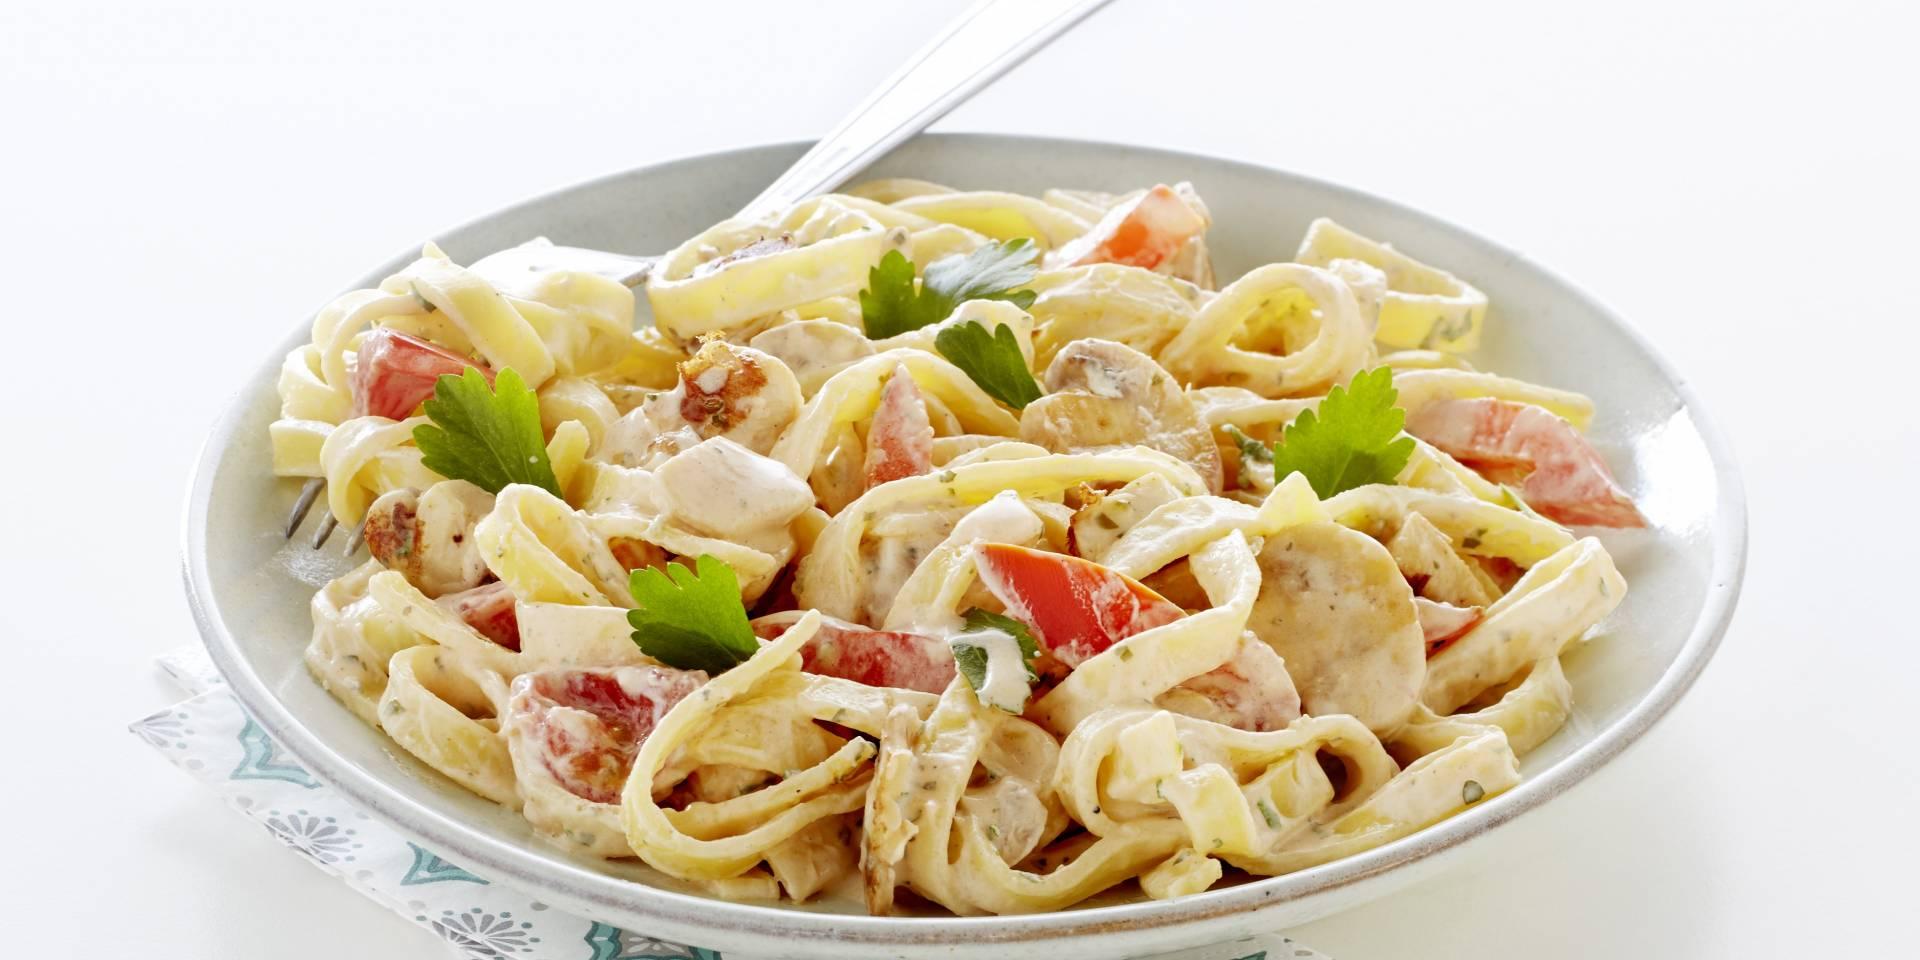 recepten met pasta en groenten